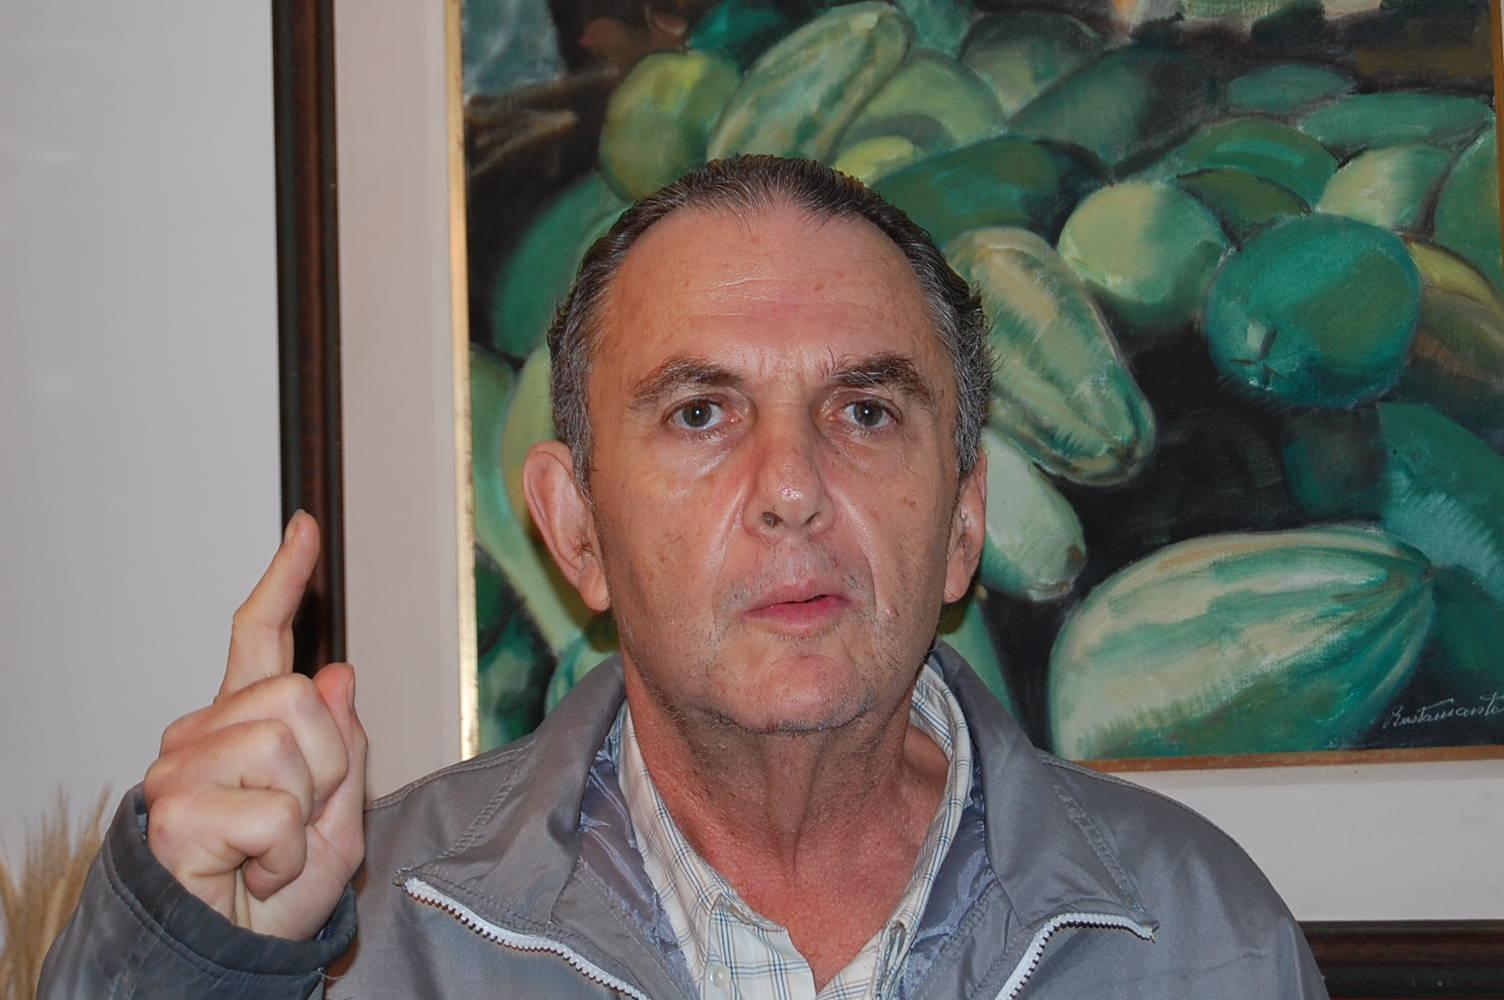 """Daniel Chutorianscy - debaterá """"Destino estrangeiro"""" com o Clube de Leitura Icaraí em 11/12/2015"""